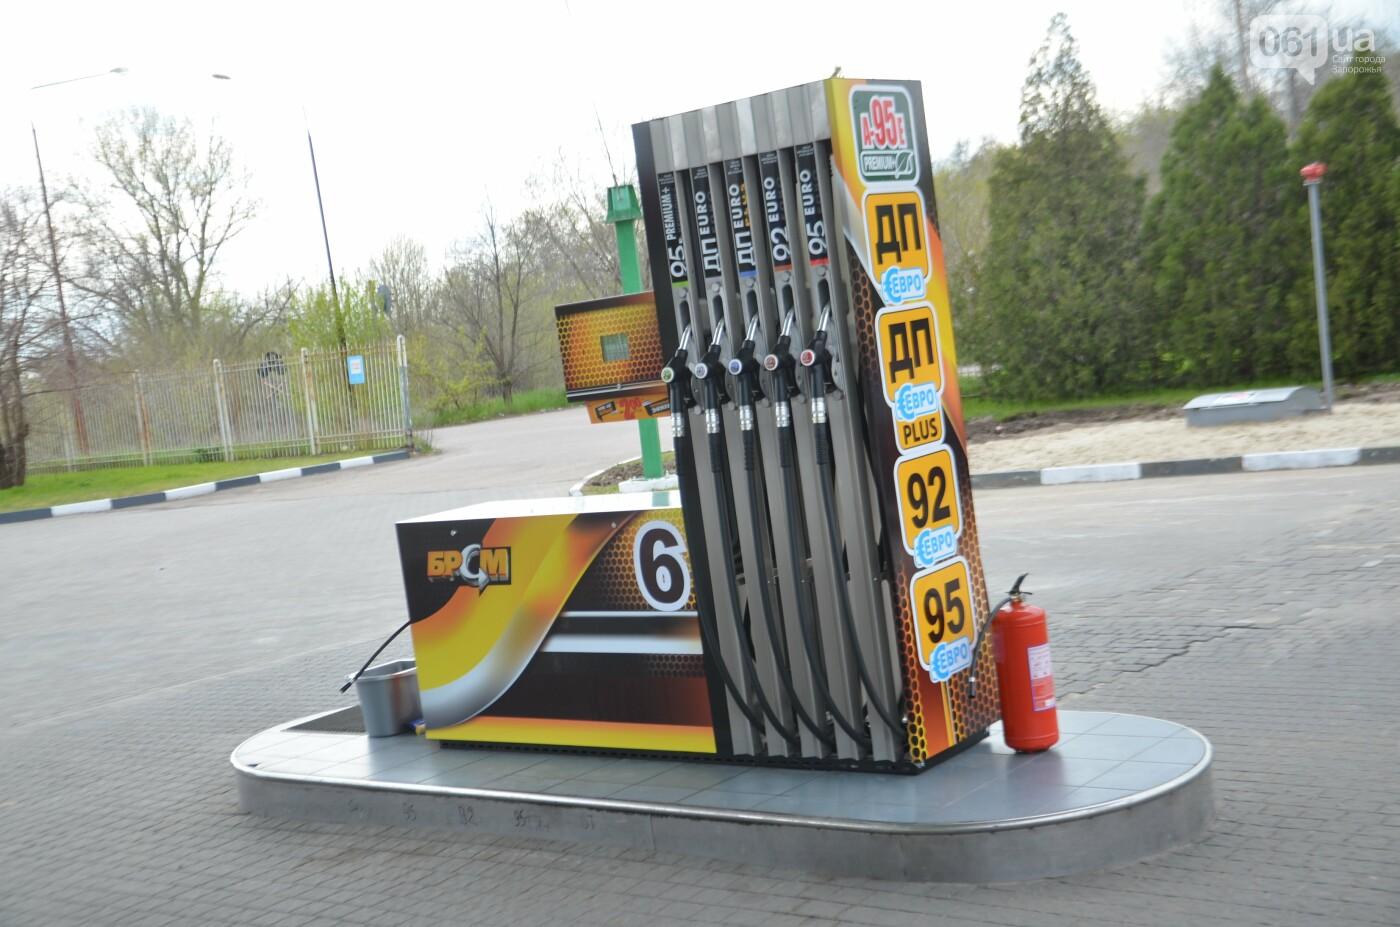 Отличный сервис, приятные цены и акции: в Запорожье открыли два новых автозаправочных комплекса БРСМ-Нафта, фото-24